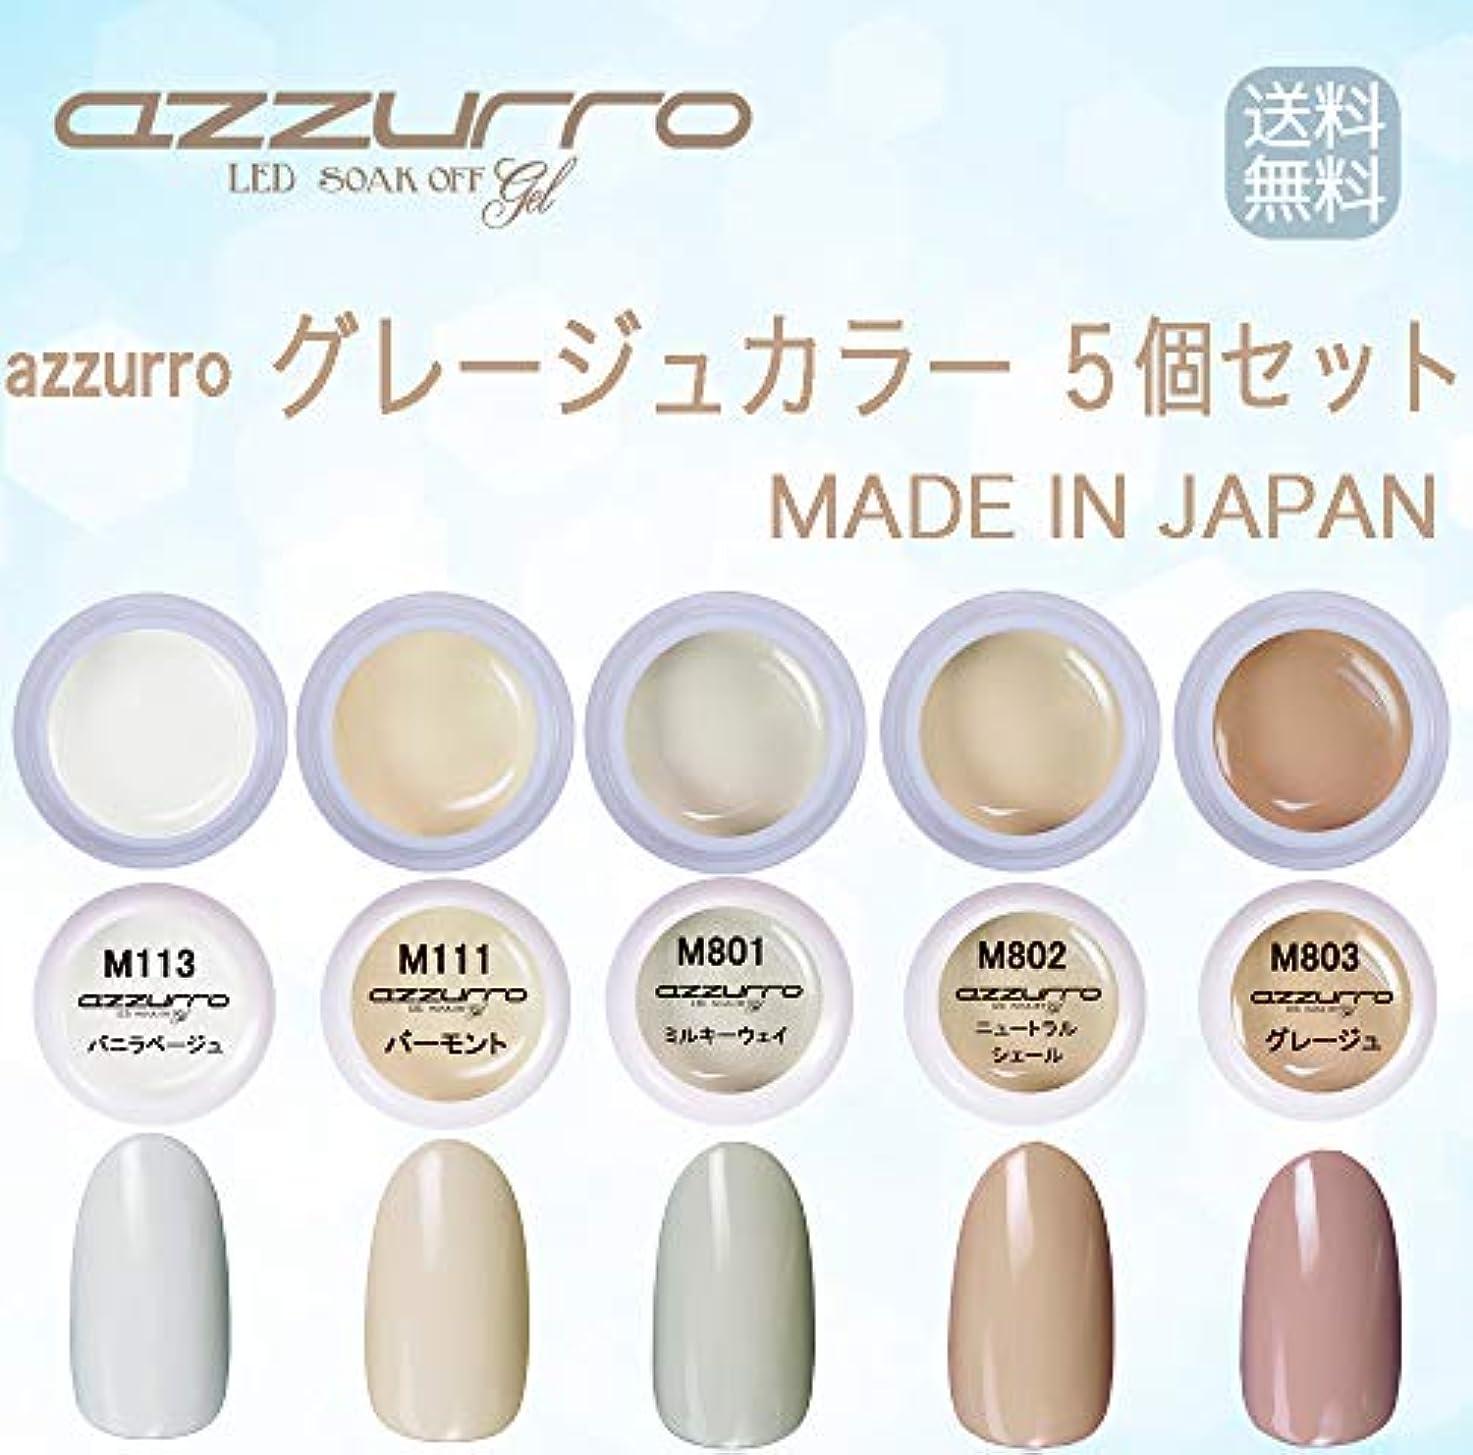 制限する最終的にマエストロ【送料無料】日本製 azzurro gel グレージュ カラージェル5個セット オフィスにもぴったりな上品なグレージュカラーをチョイス